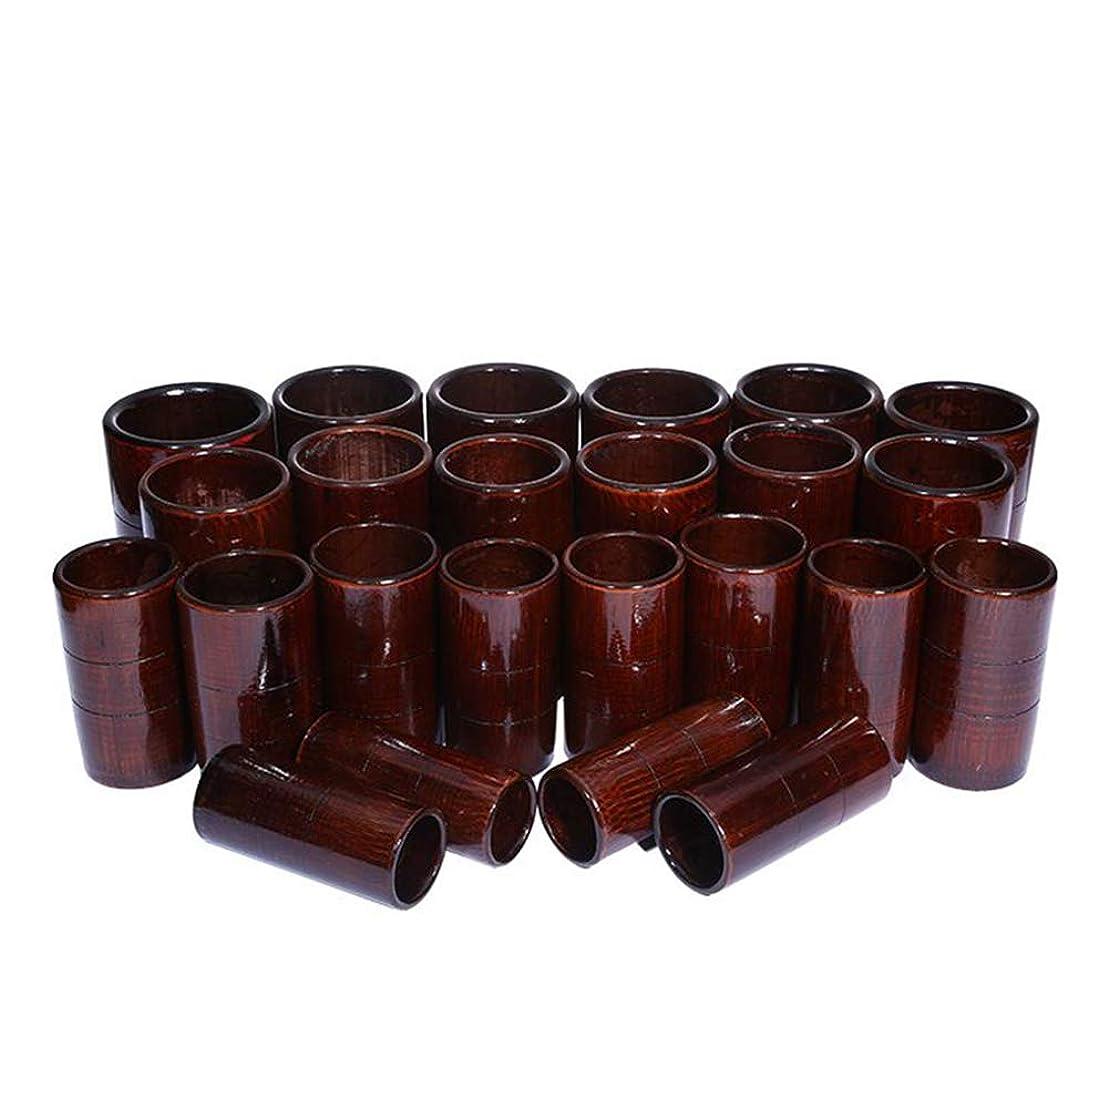 まどろみのある影響力のあるメキシコ竹鍼治療セット - 炭缶ボディ医療吸引セット - カッピングマッサージバキュームカップ,D24pcs